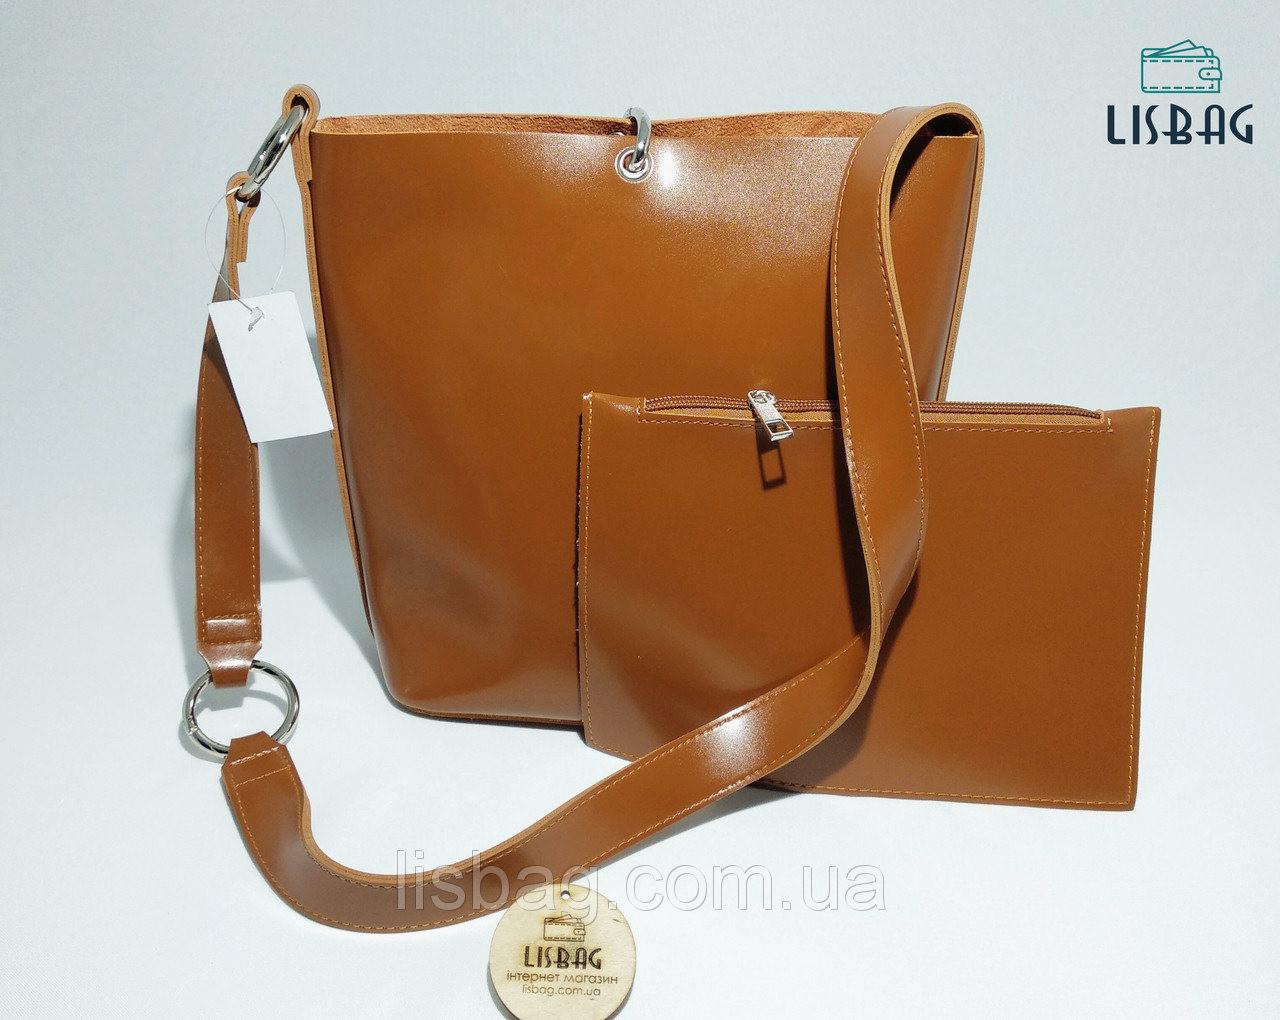 a91e998f13e5 Женская вместительная сумка мешок на плече новинка, гладкая на ощупь  коричневая - Интернет магазин Lisbag